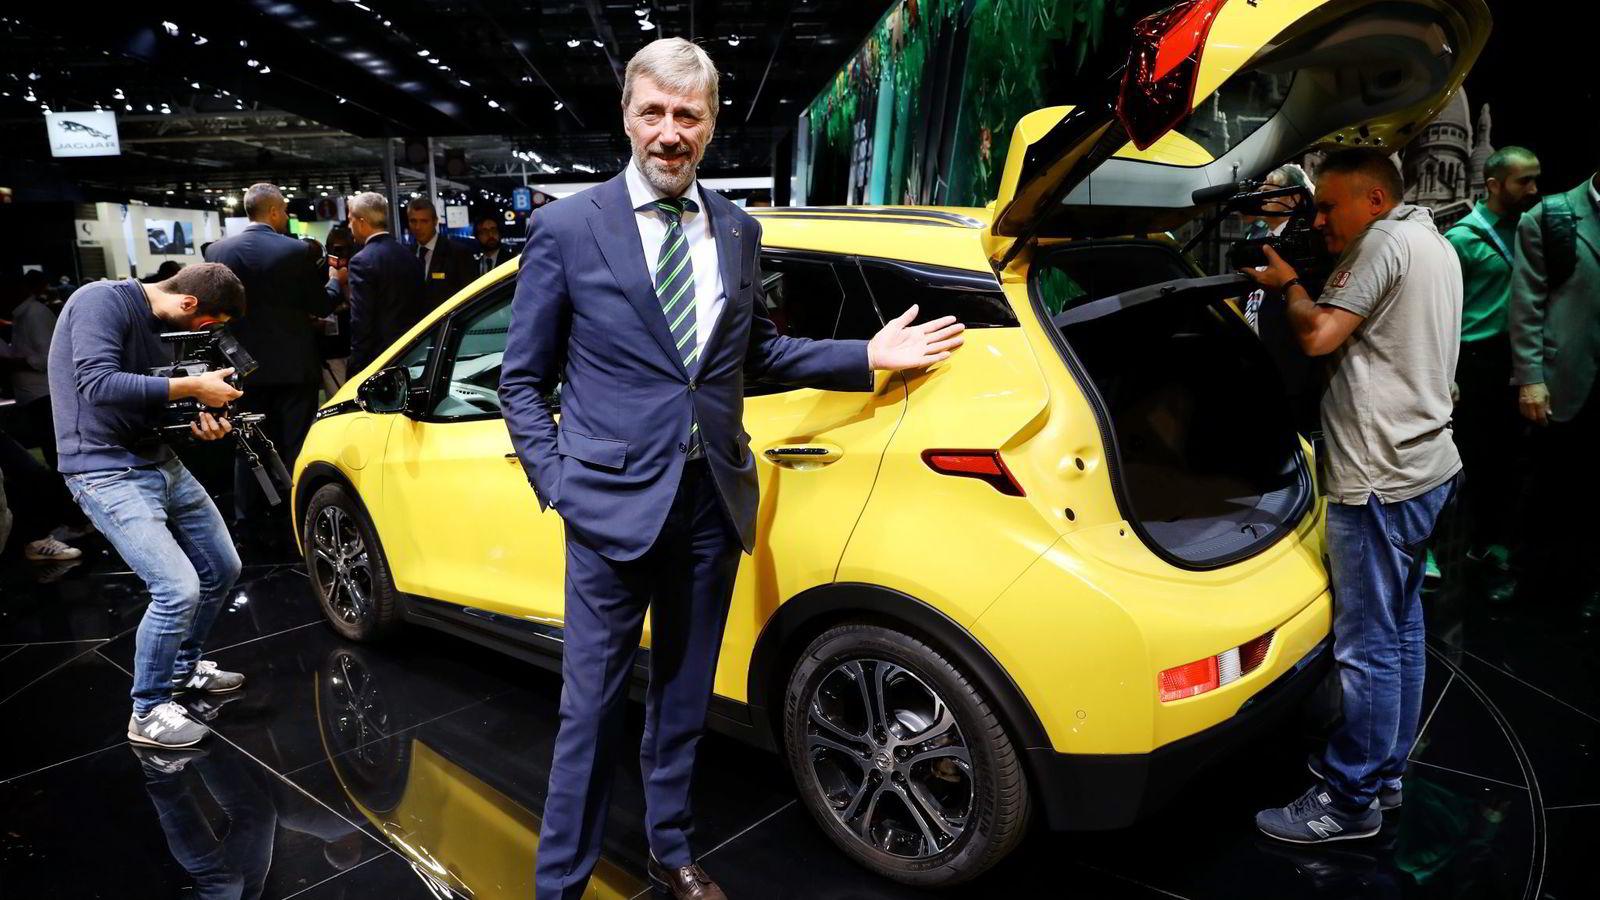 – Ordet rekkeviddeangst kan man ta ut av ordboken igjen, sier Opel-sjef Bernt G. Jessen. Opels  Ampera-e får klasseledende rekkevidde på opptil 50 mil.